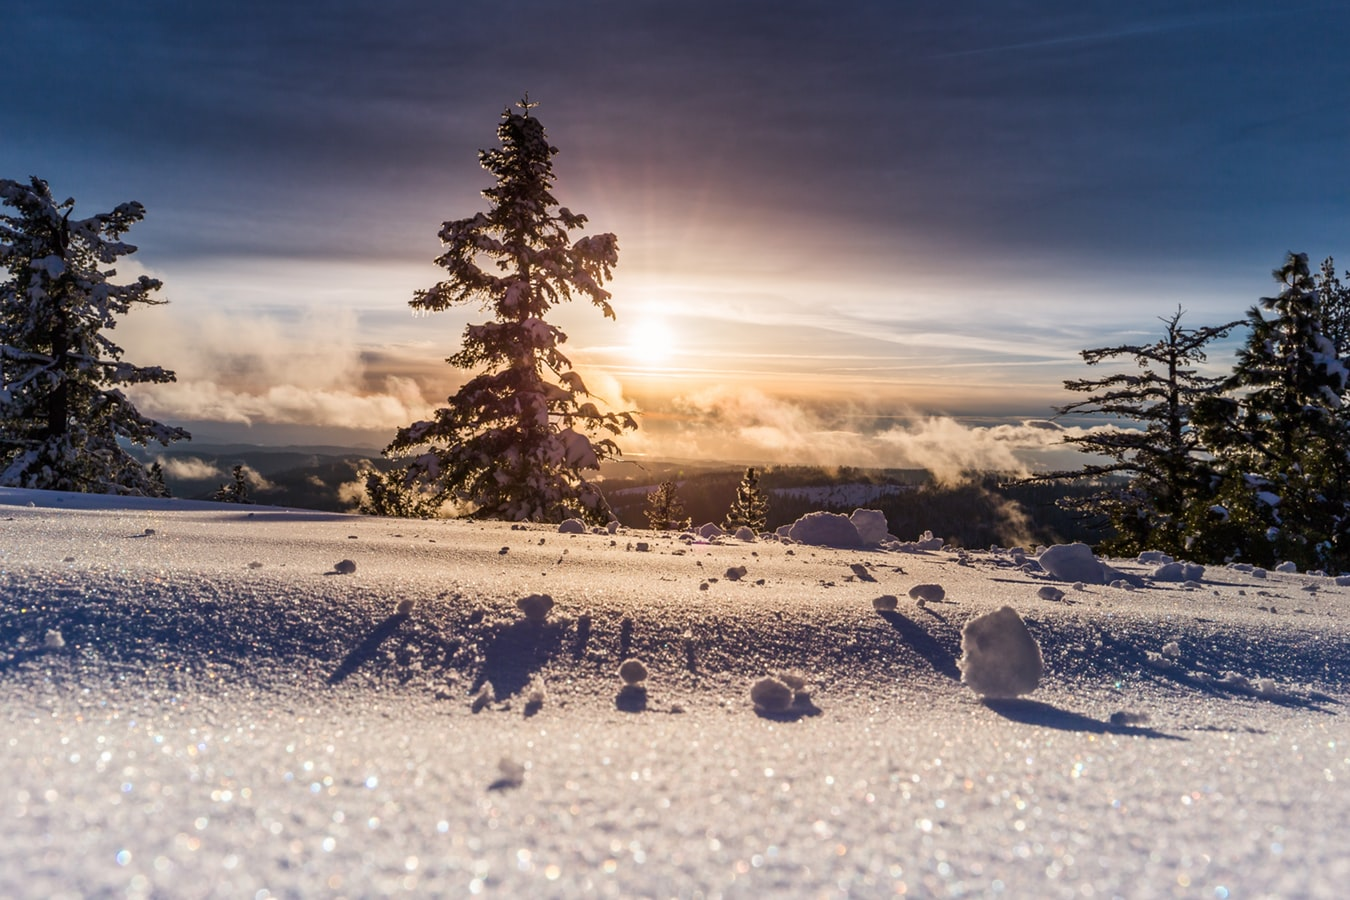 Solstiţiul de iarnă, cand Lumina invinge Intunericul